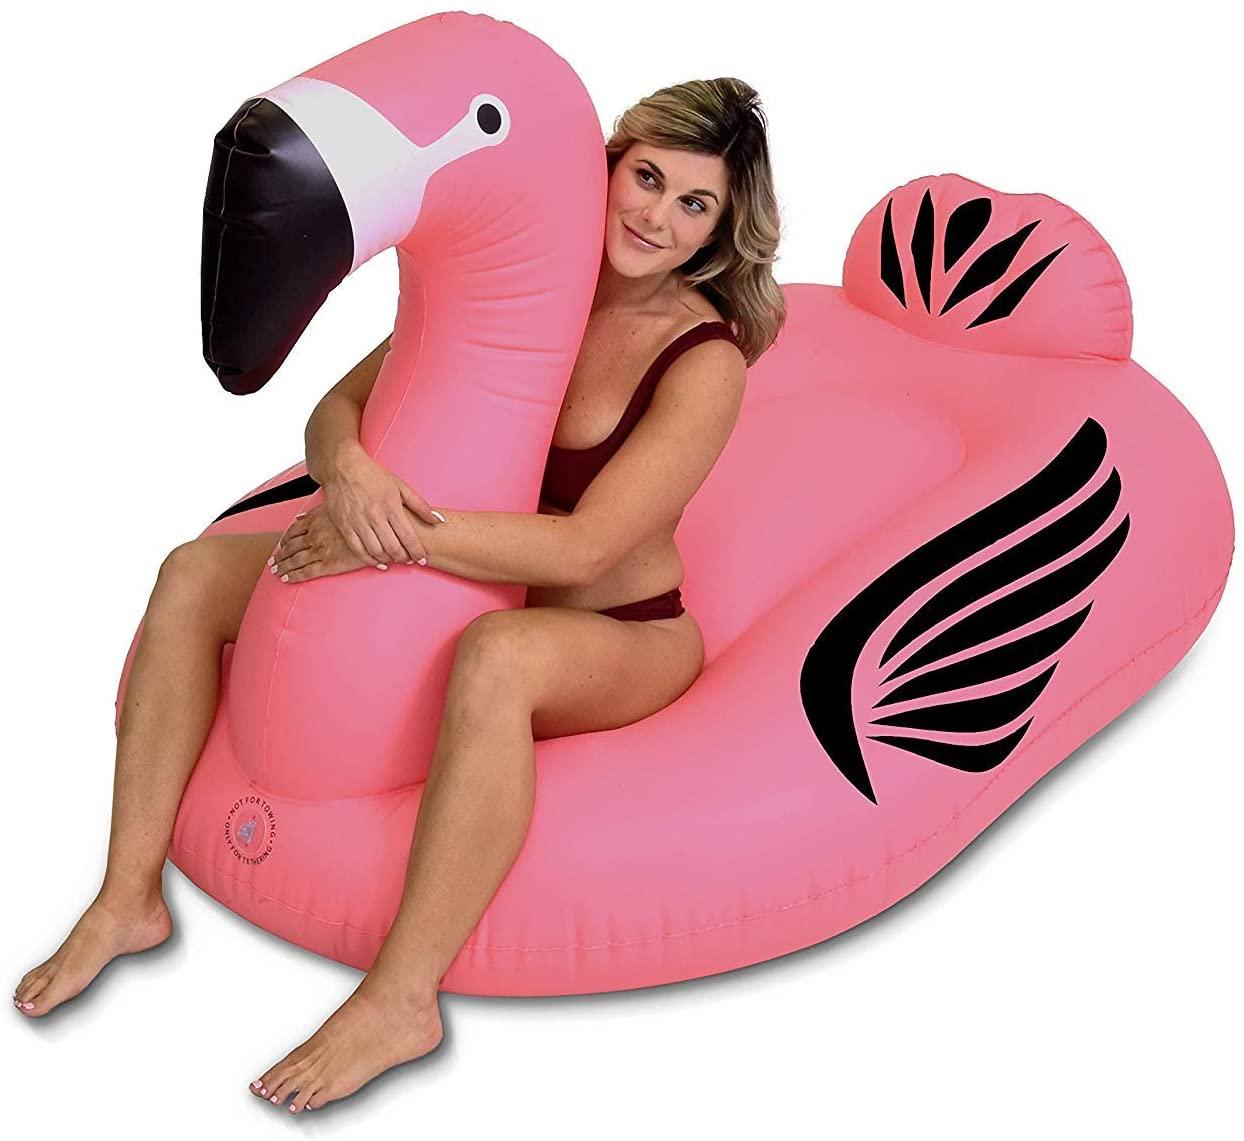 GoFloats Giant Inflatable Pool Lake Water Float Raft Flamingo (Flamingo)